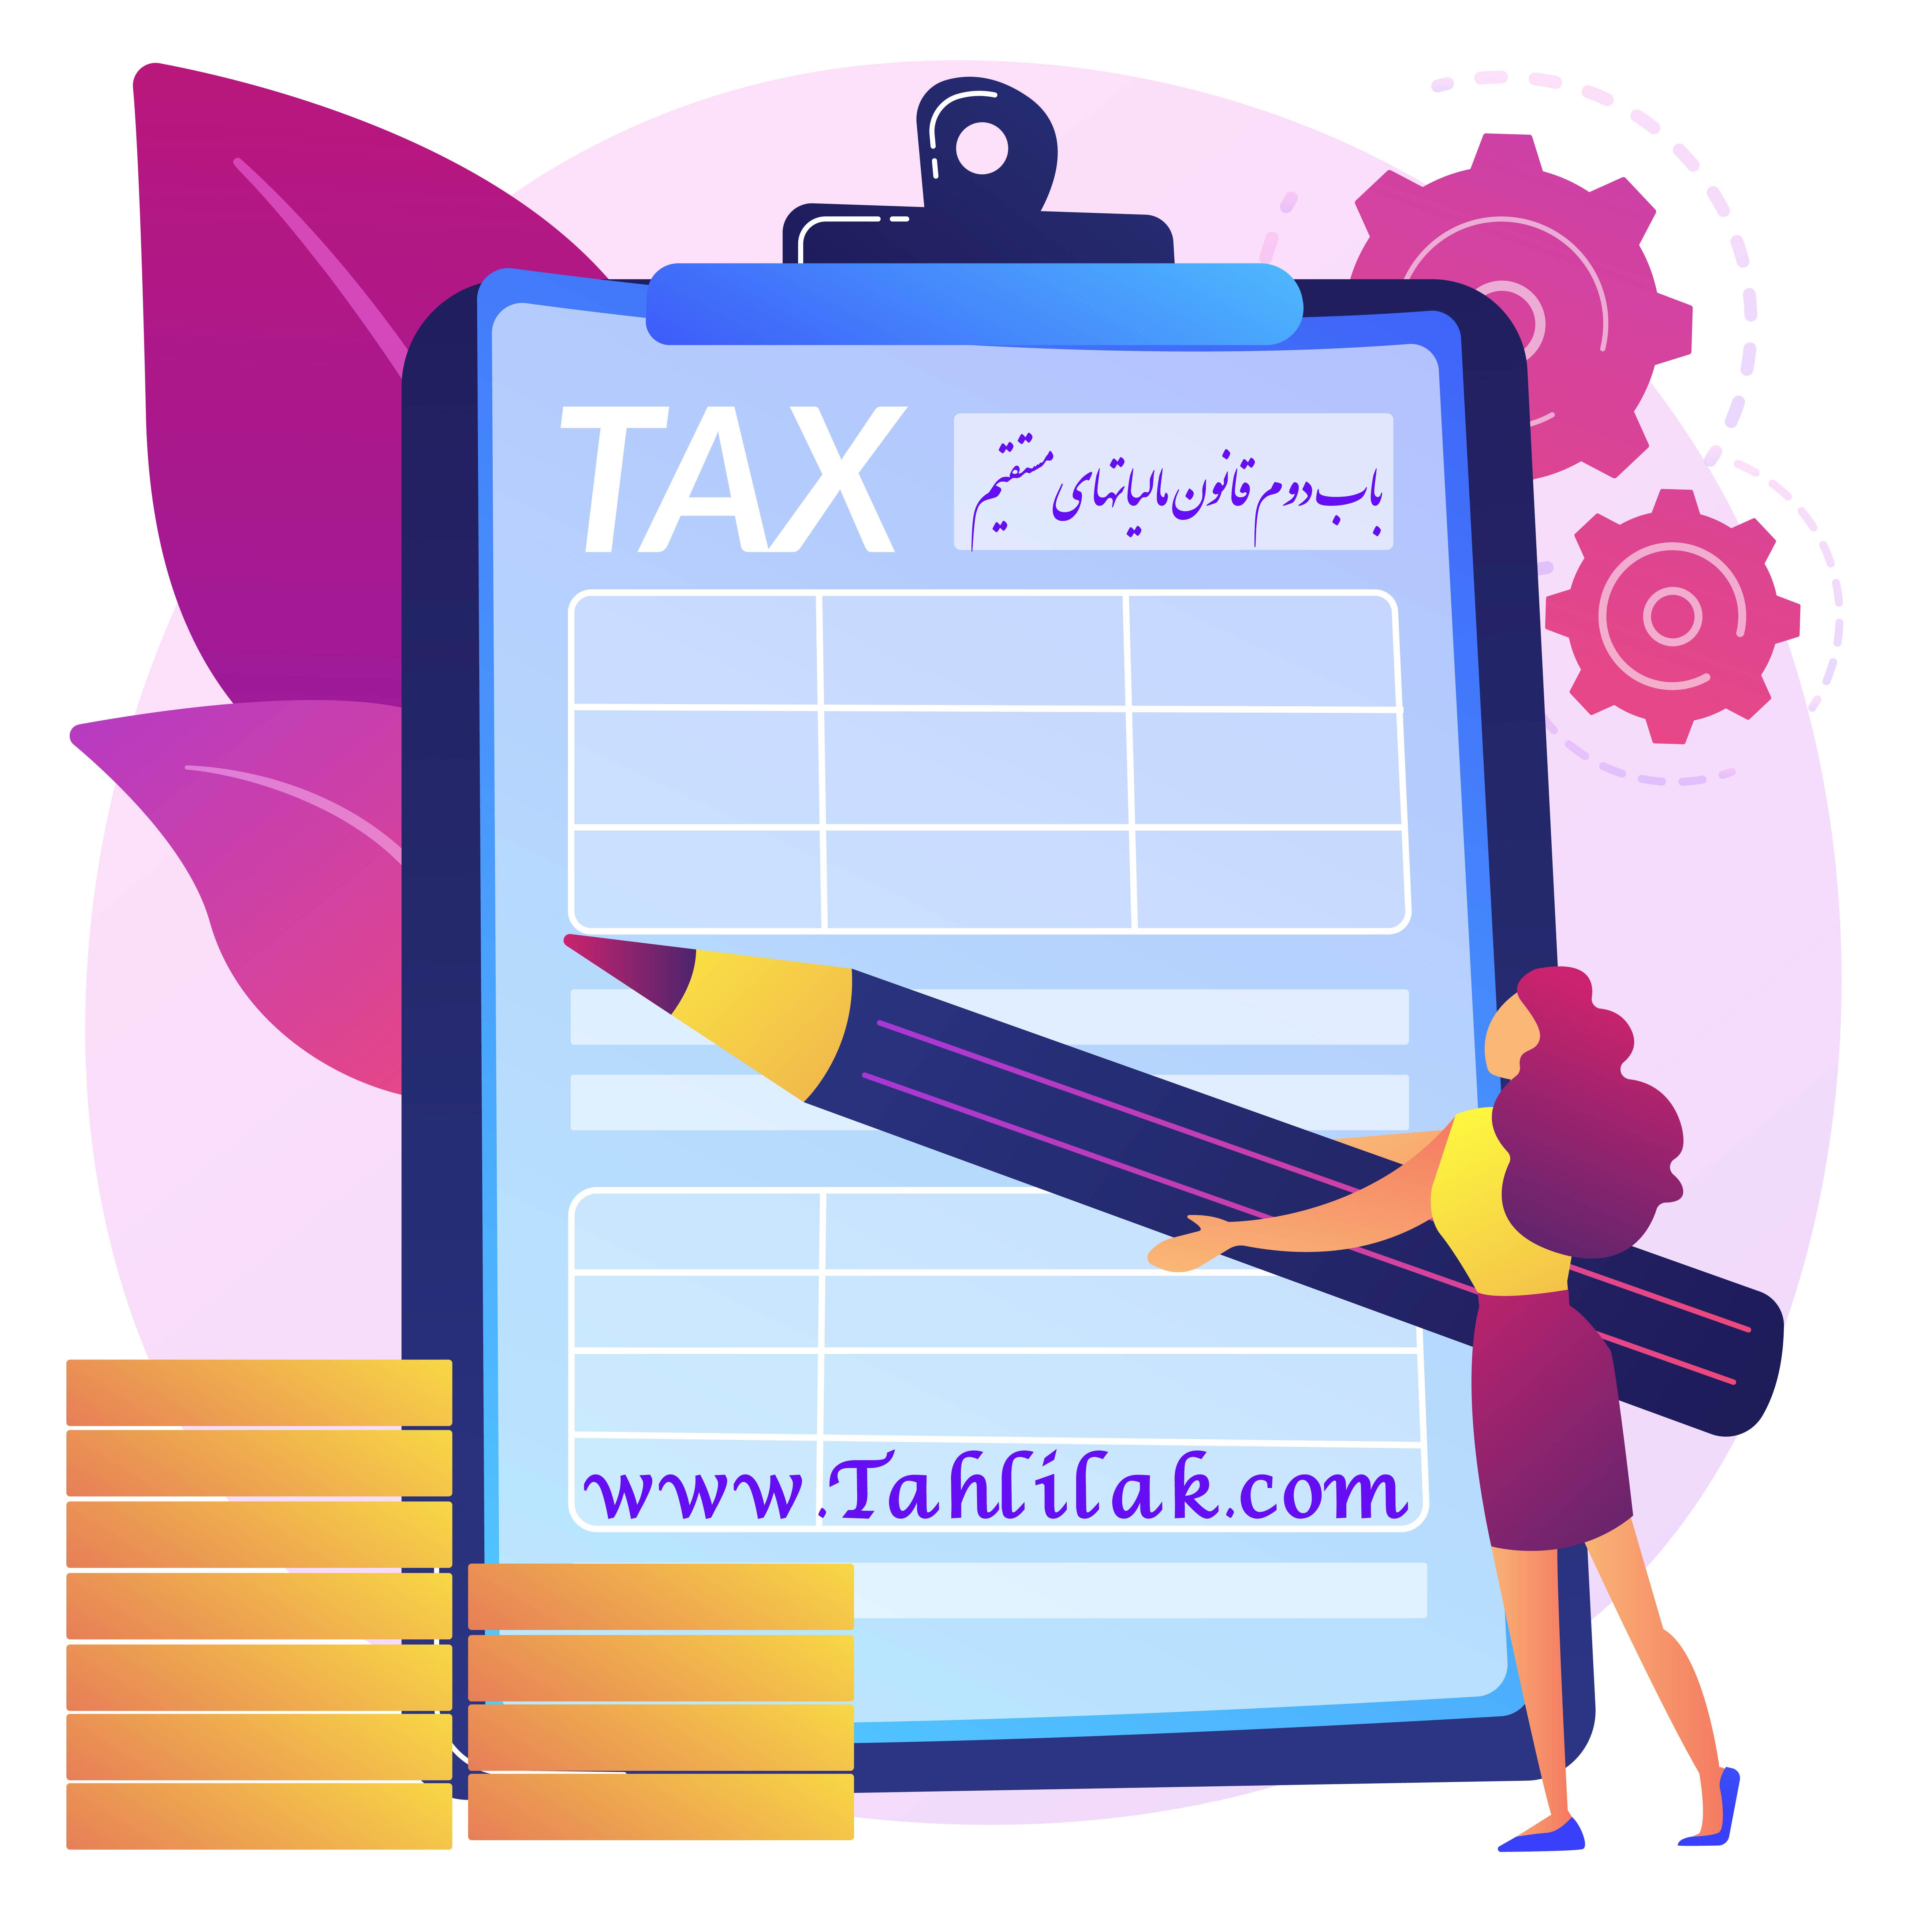 باب دوم قانون مالیاتهای مستقیم (مالیات بر دارایی)